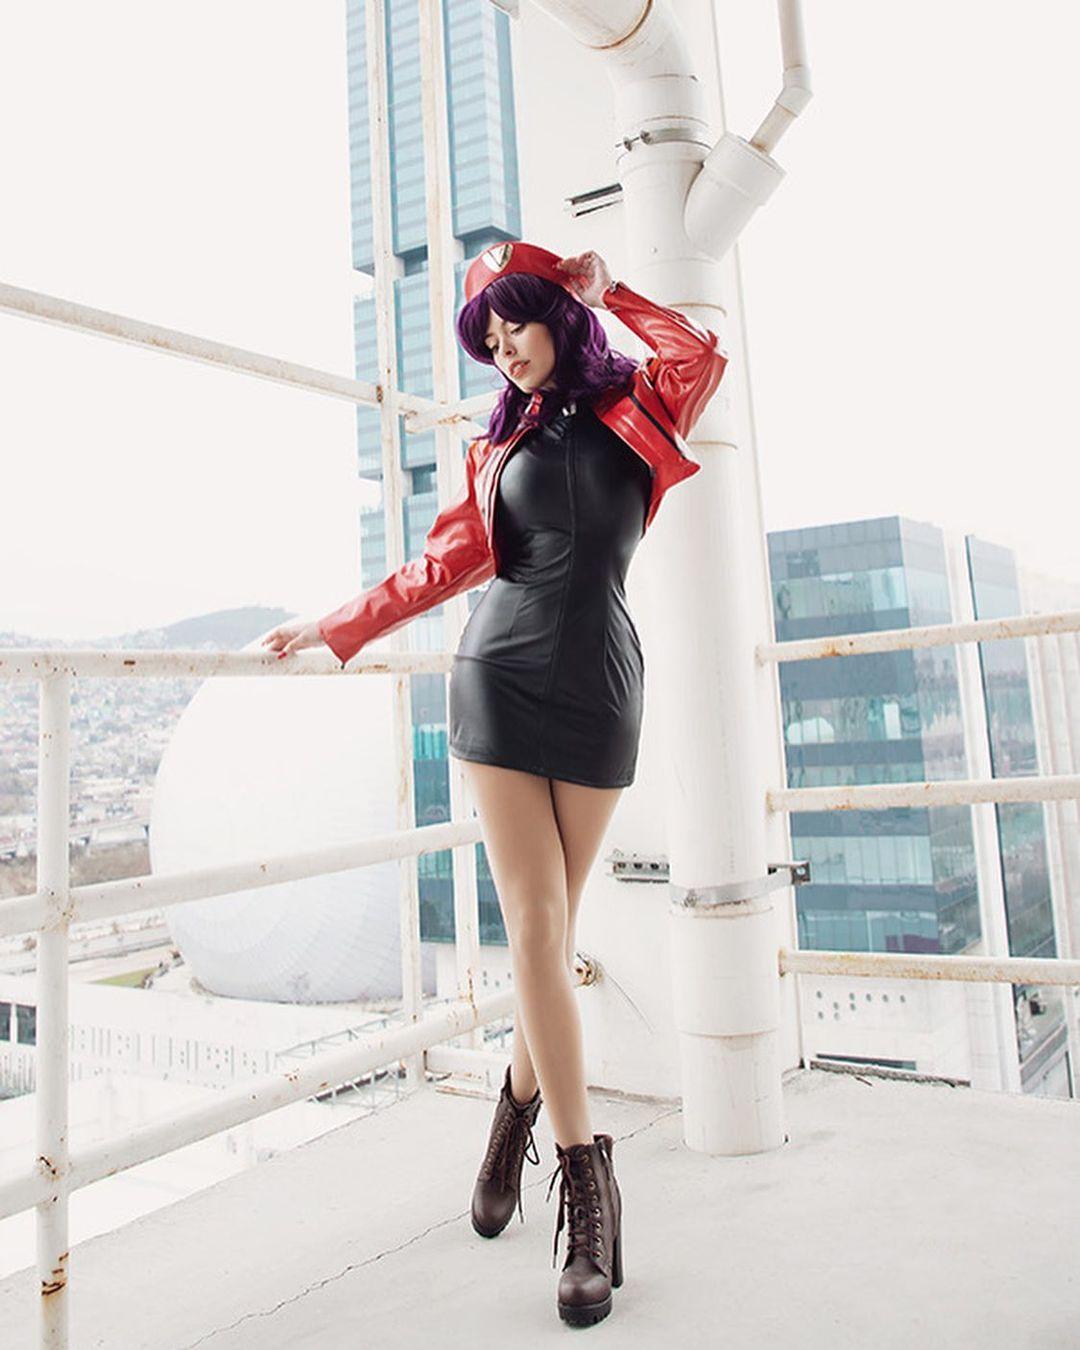 Evangelion Cosplayer mexicana le da vida a Misato Katsuragi de manera asombrosa